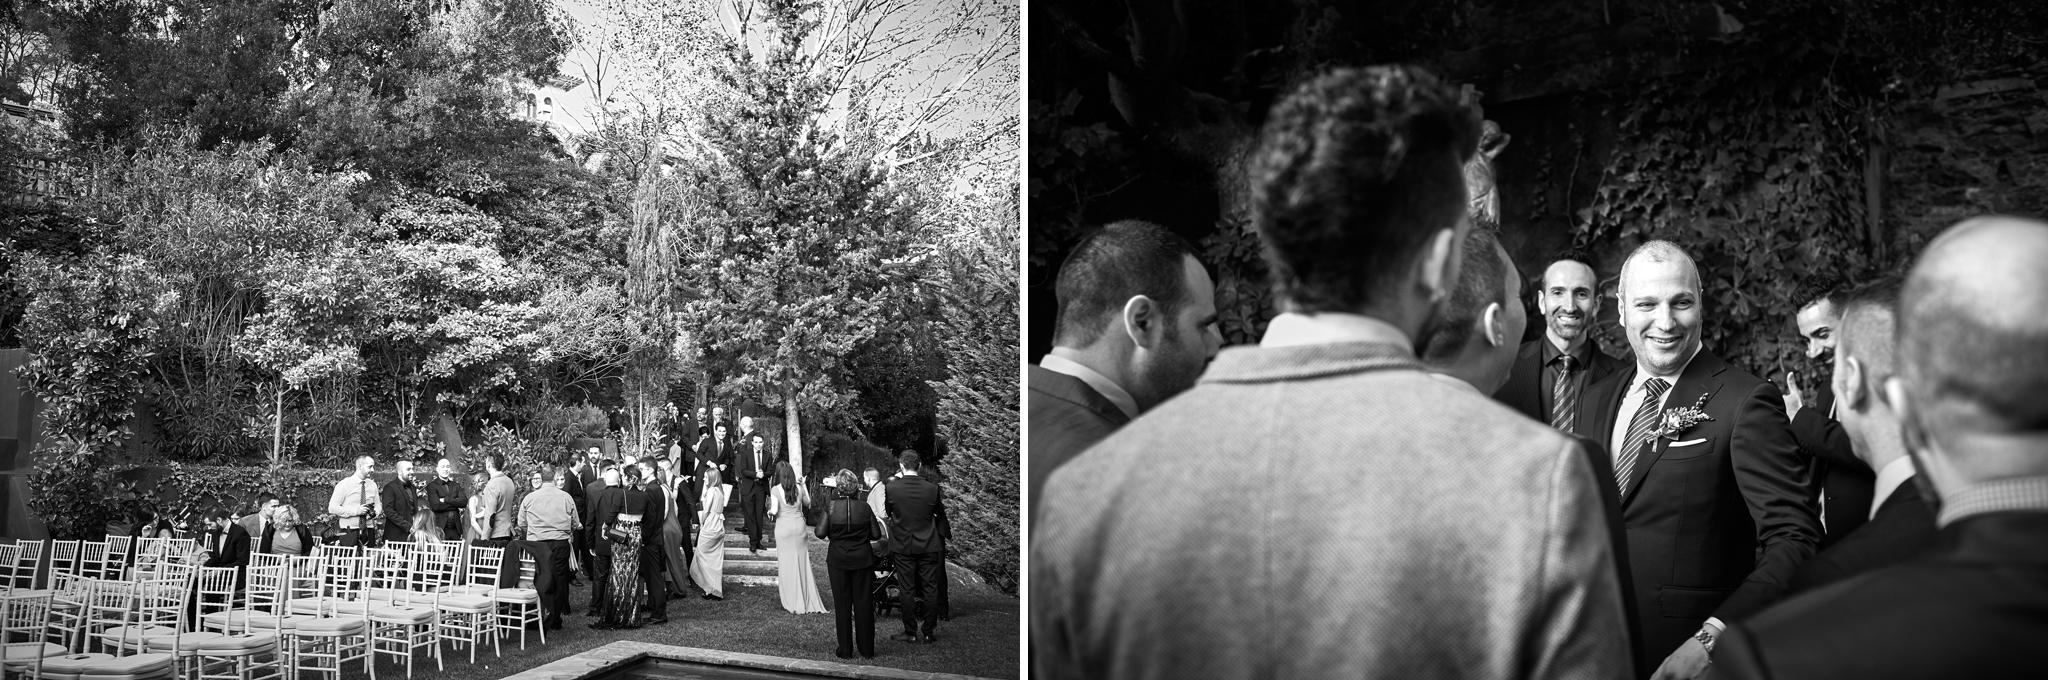 fotografia-boda-barcelona16.jpg